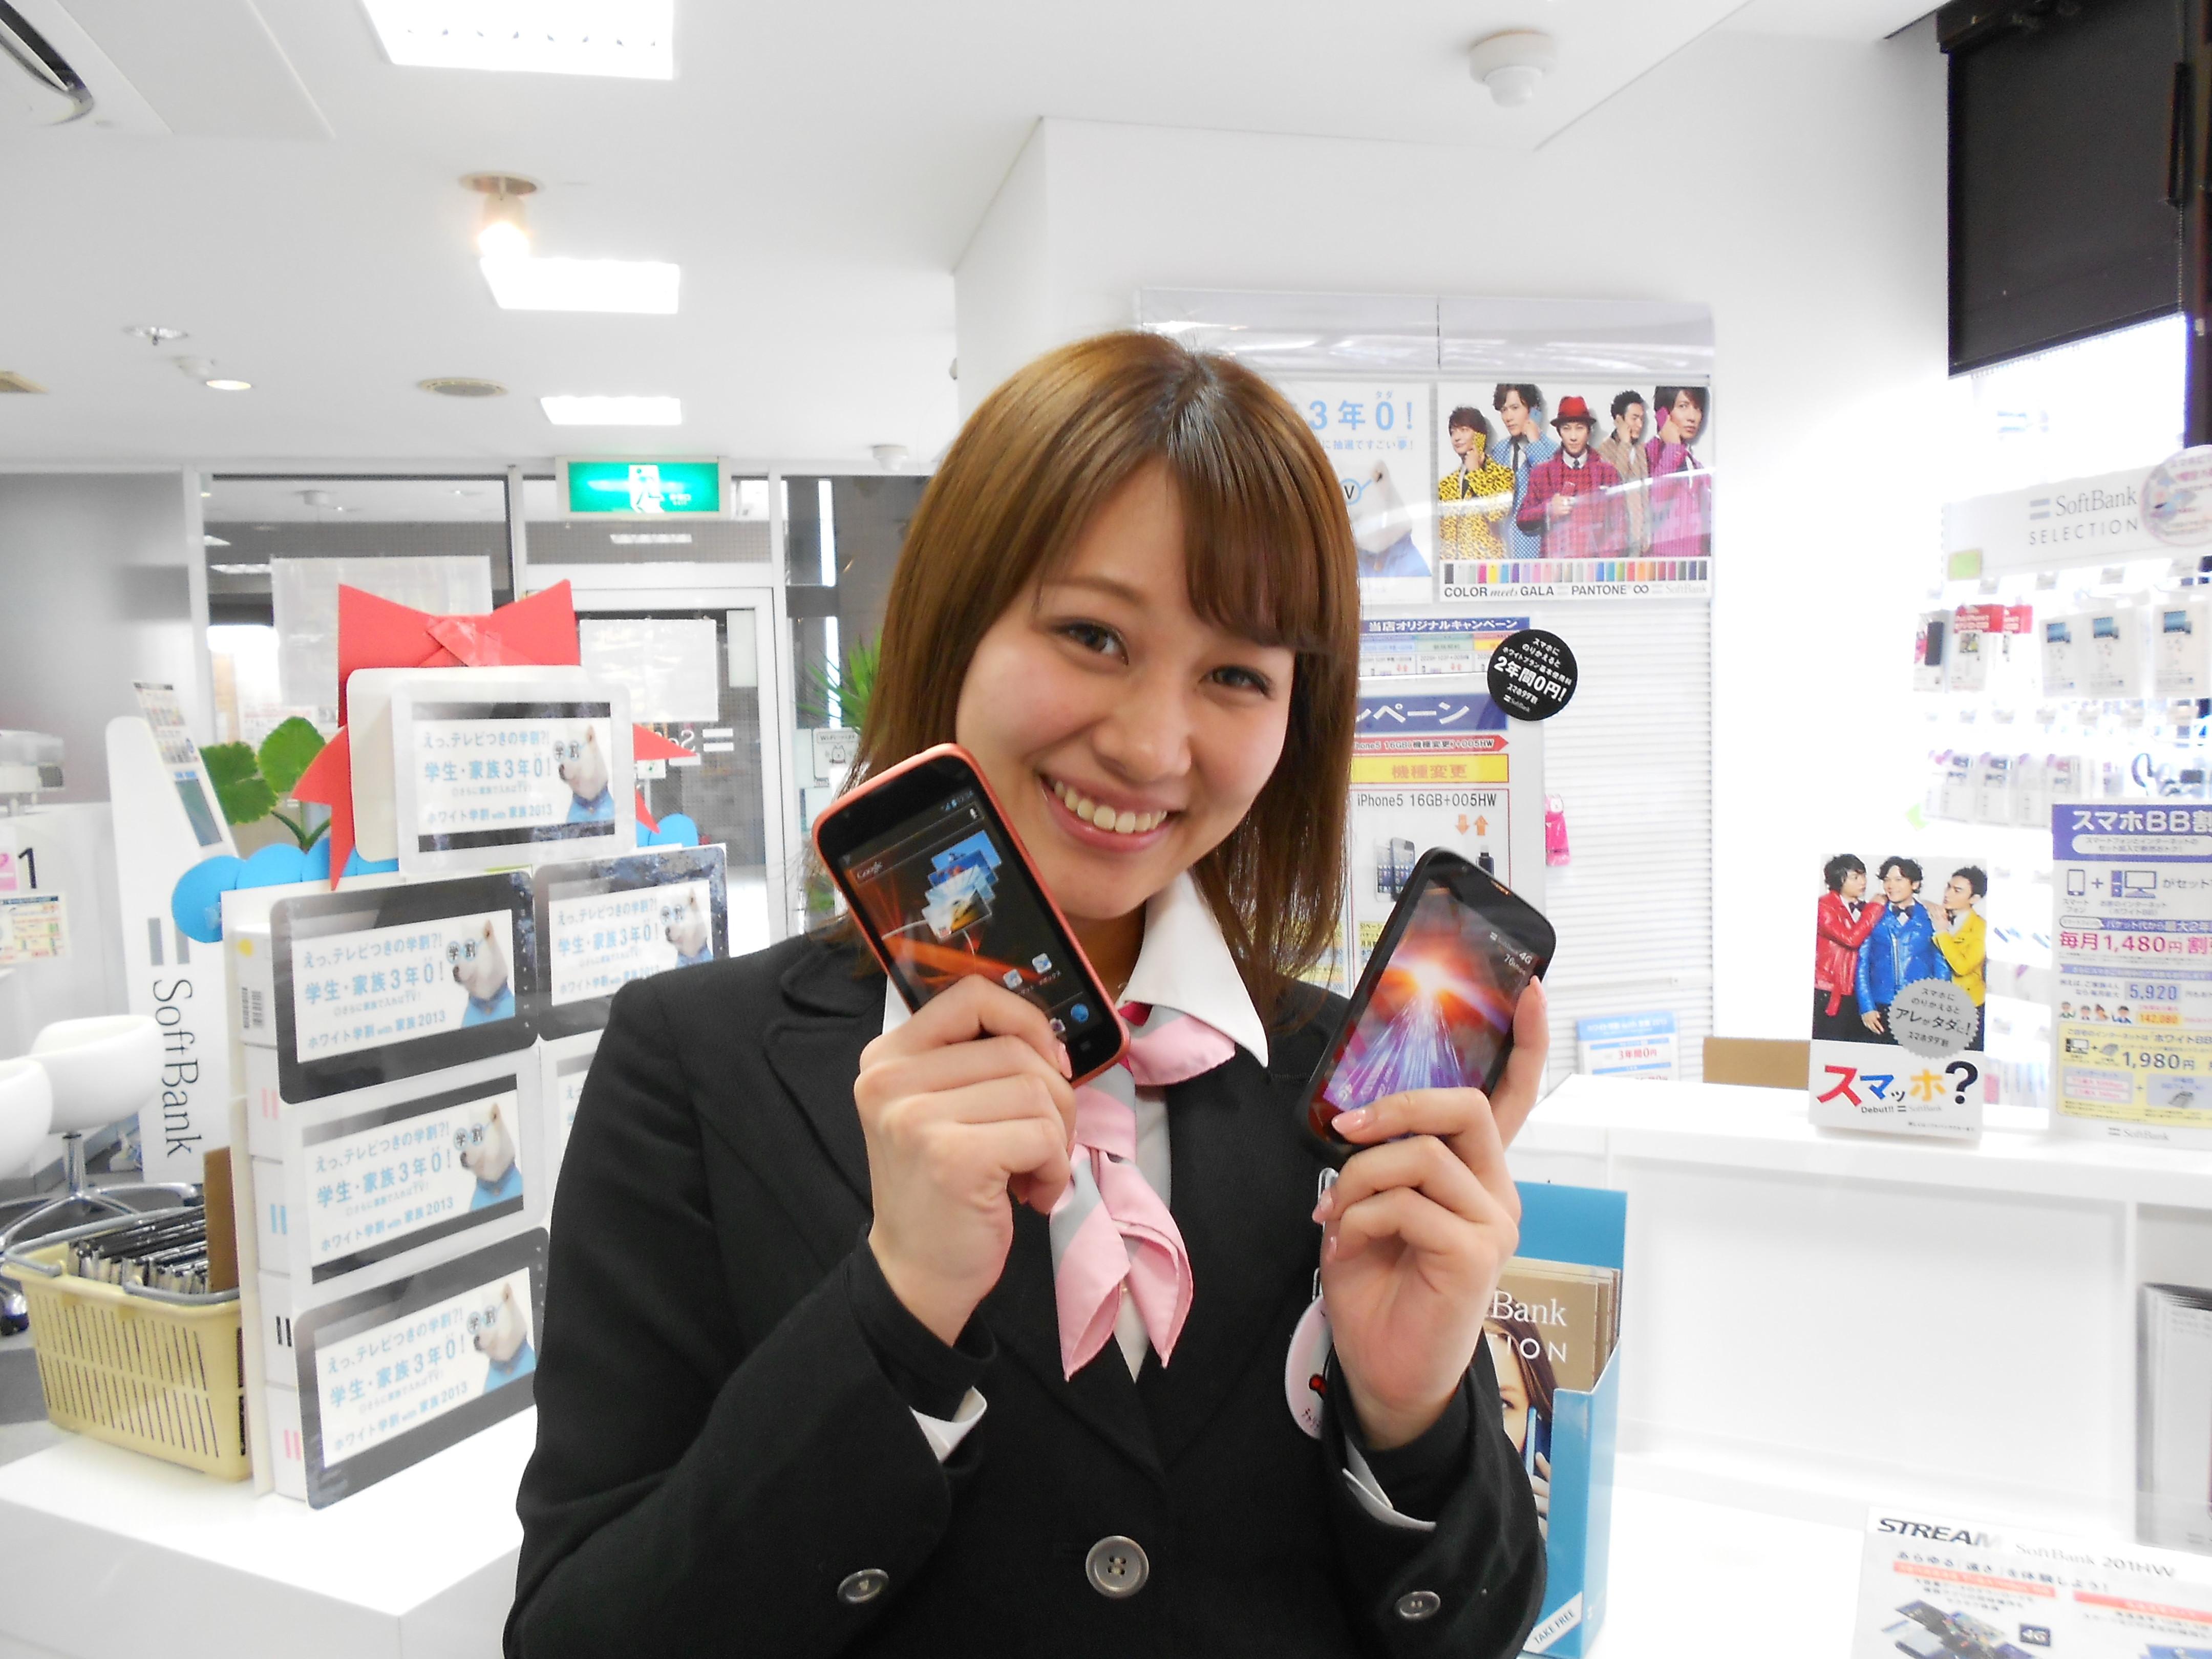 ソフトバンク 神楽坂(株式会社シエロ)のアルバイト情報